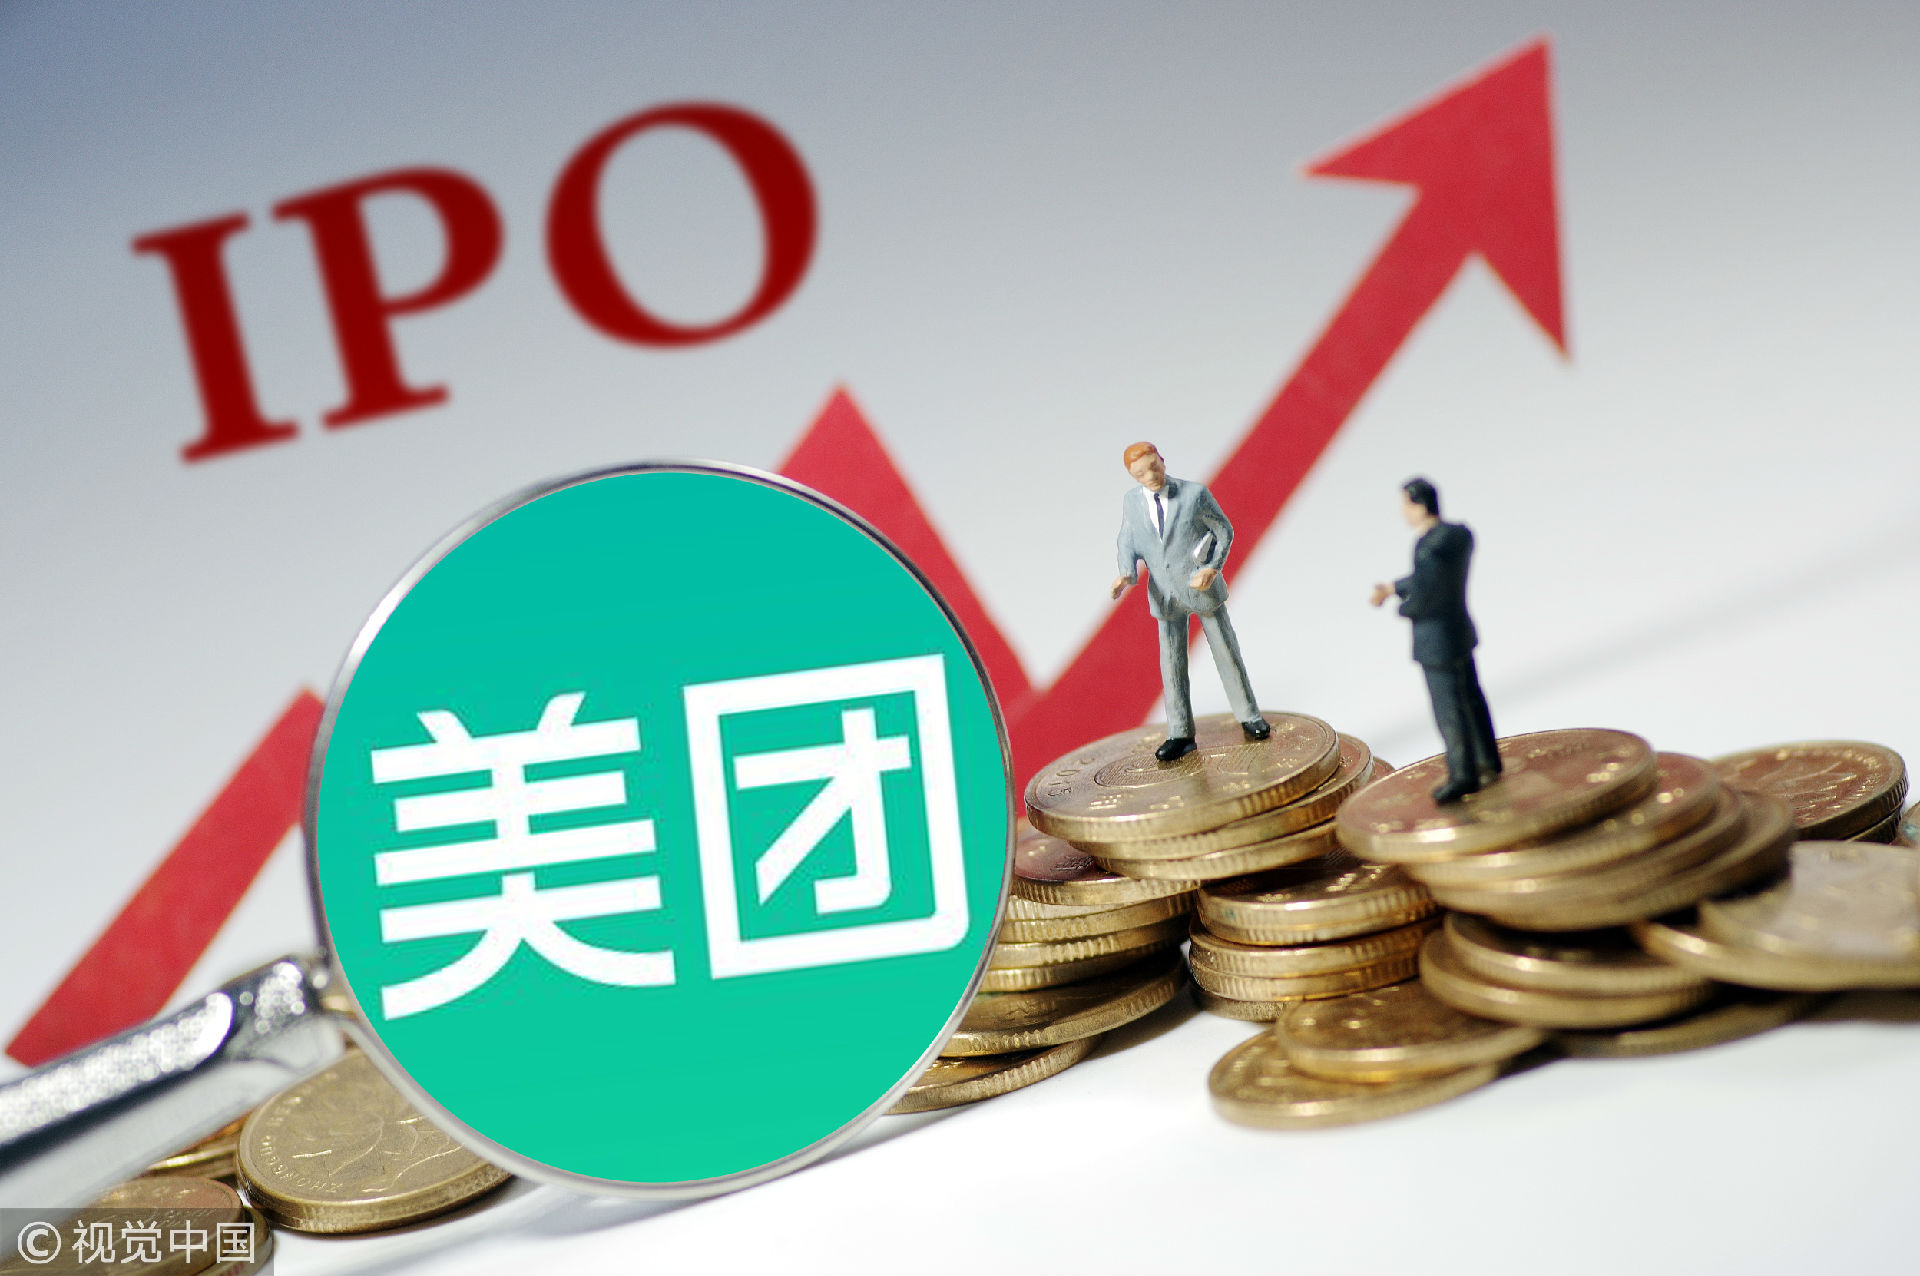 动静称美团IPO定价区间每股60-72港元,腾讯等入基石名单